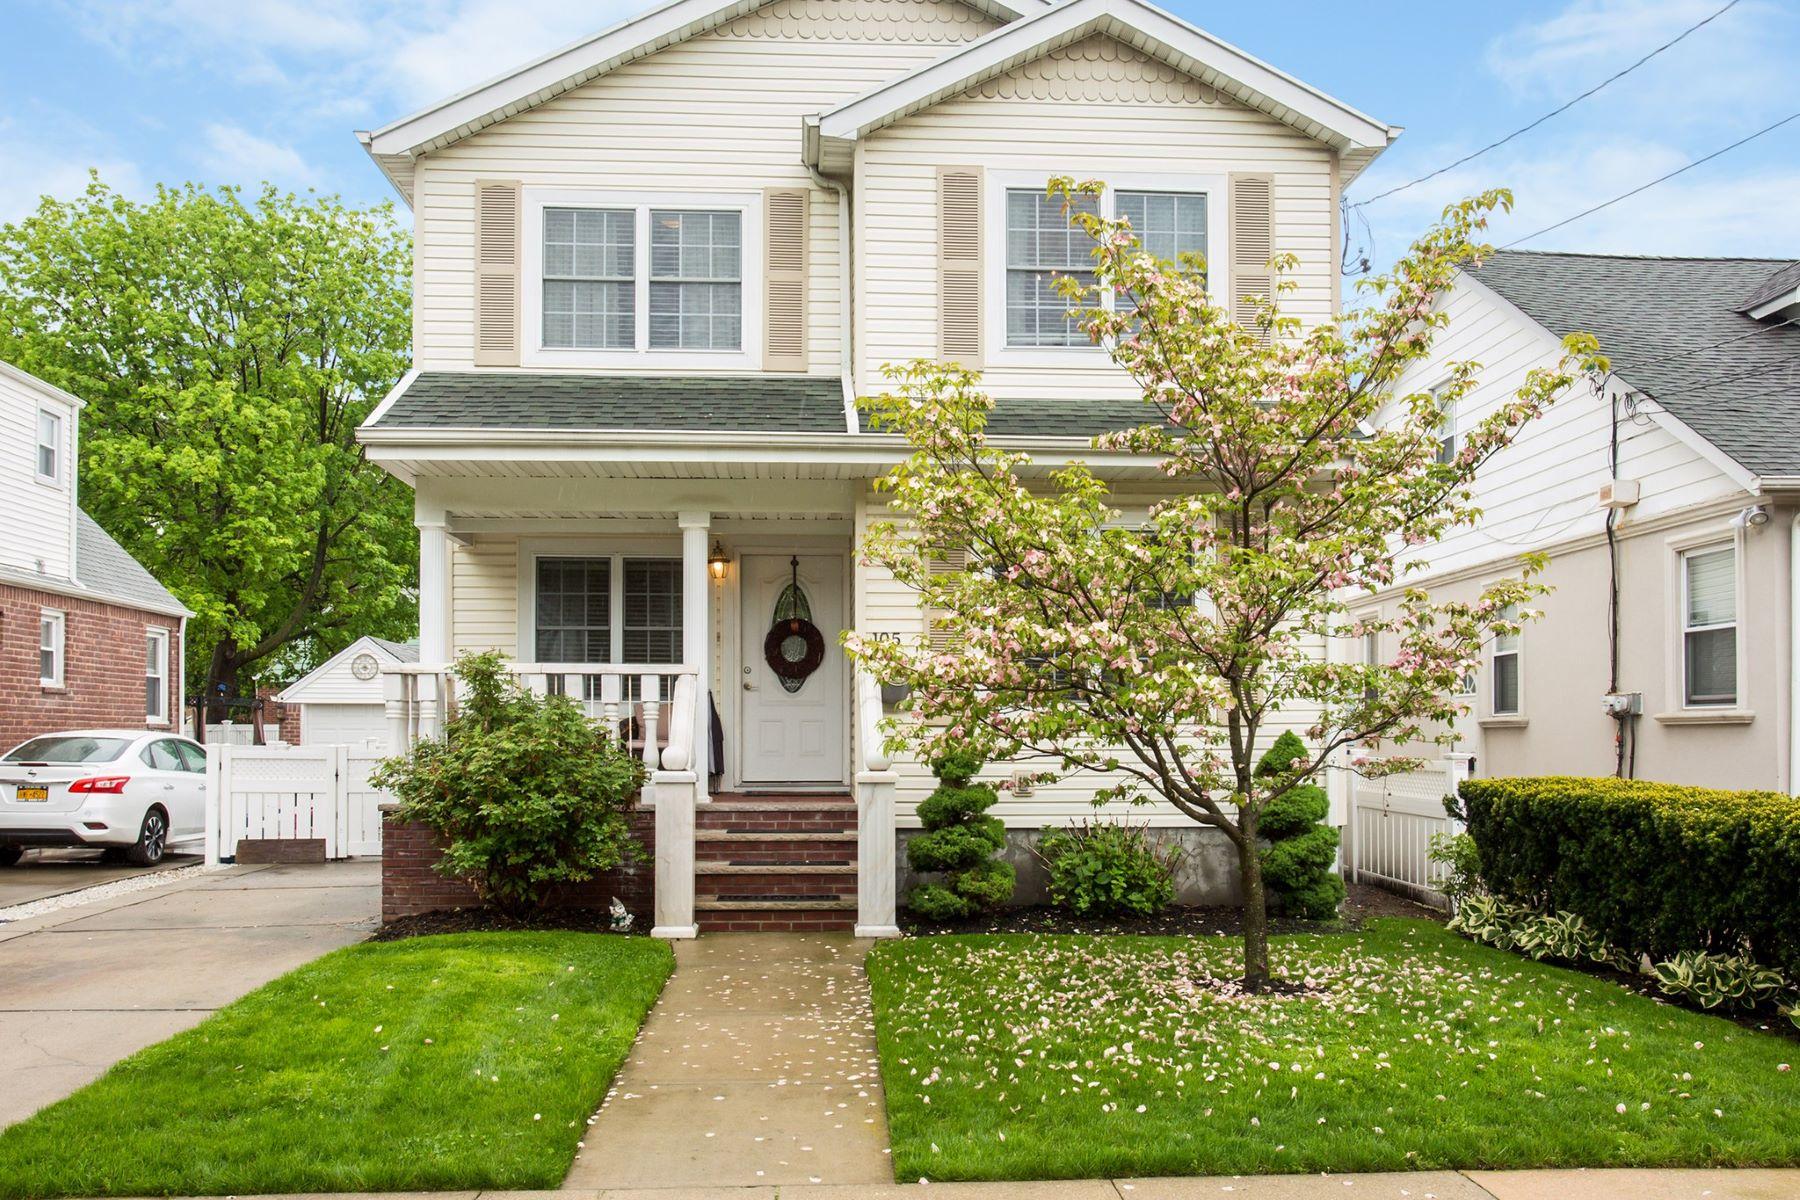 独户住宅 为 销售 在 105 Irving Avenue, Floral Park, NY 11001 105 Irving Avenue 花卉公园, 纽约州 11001 美国